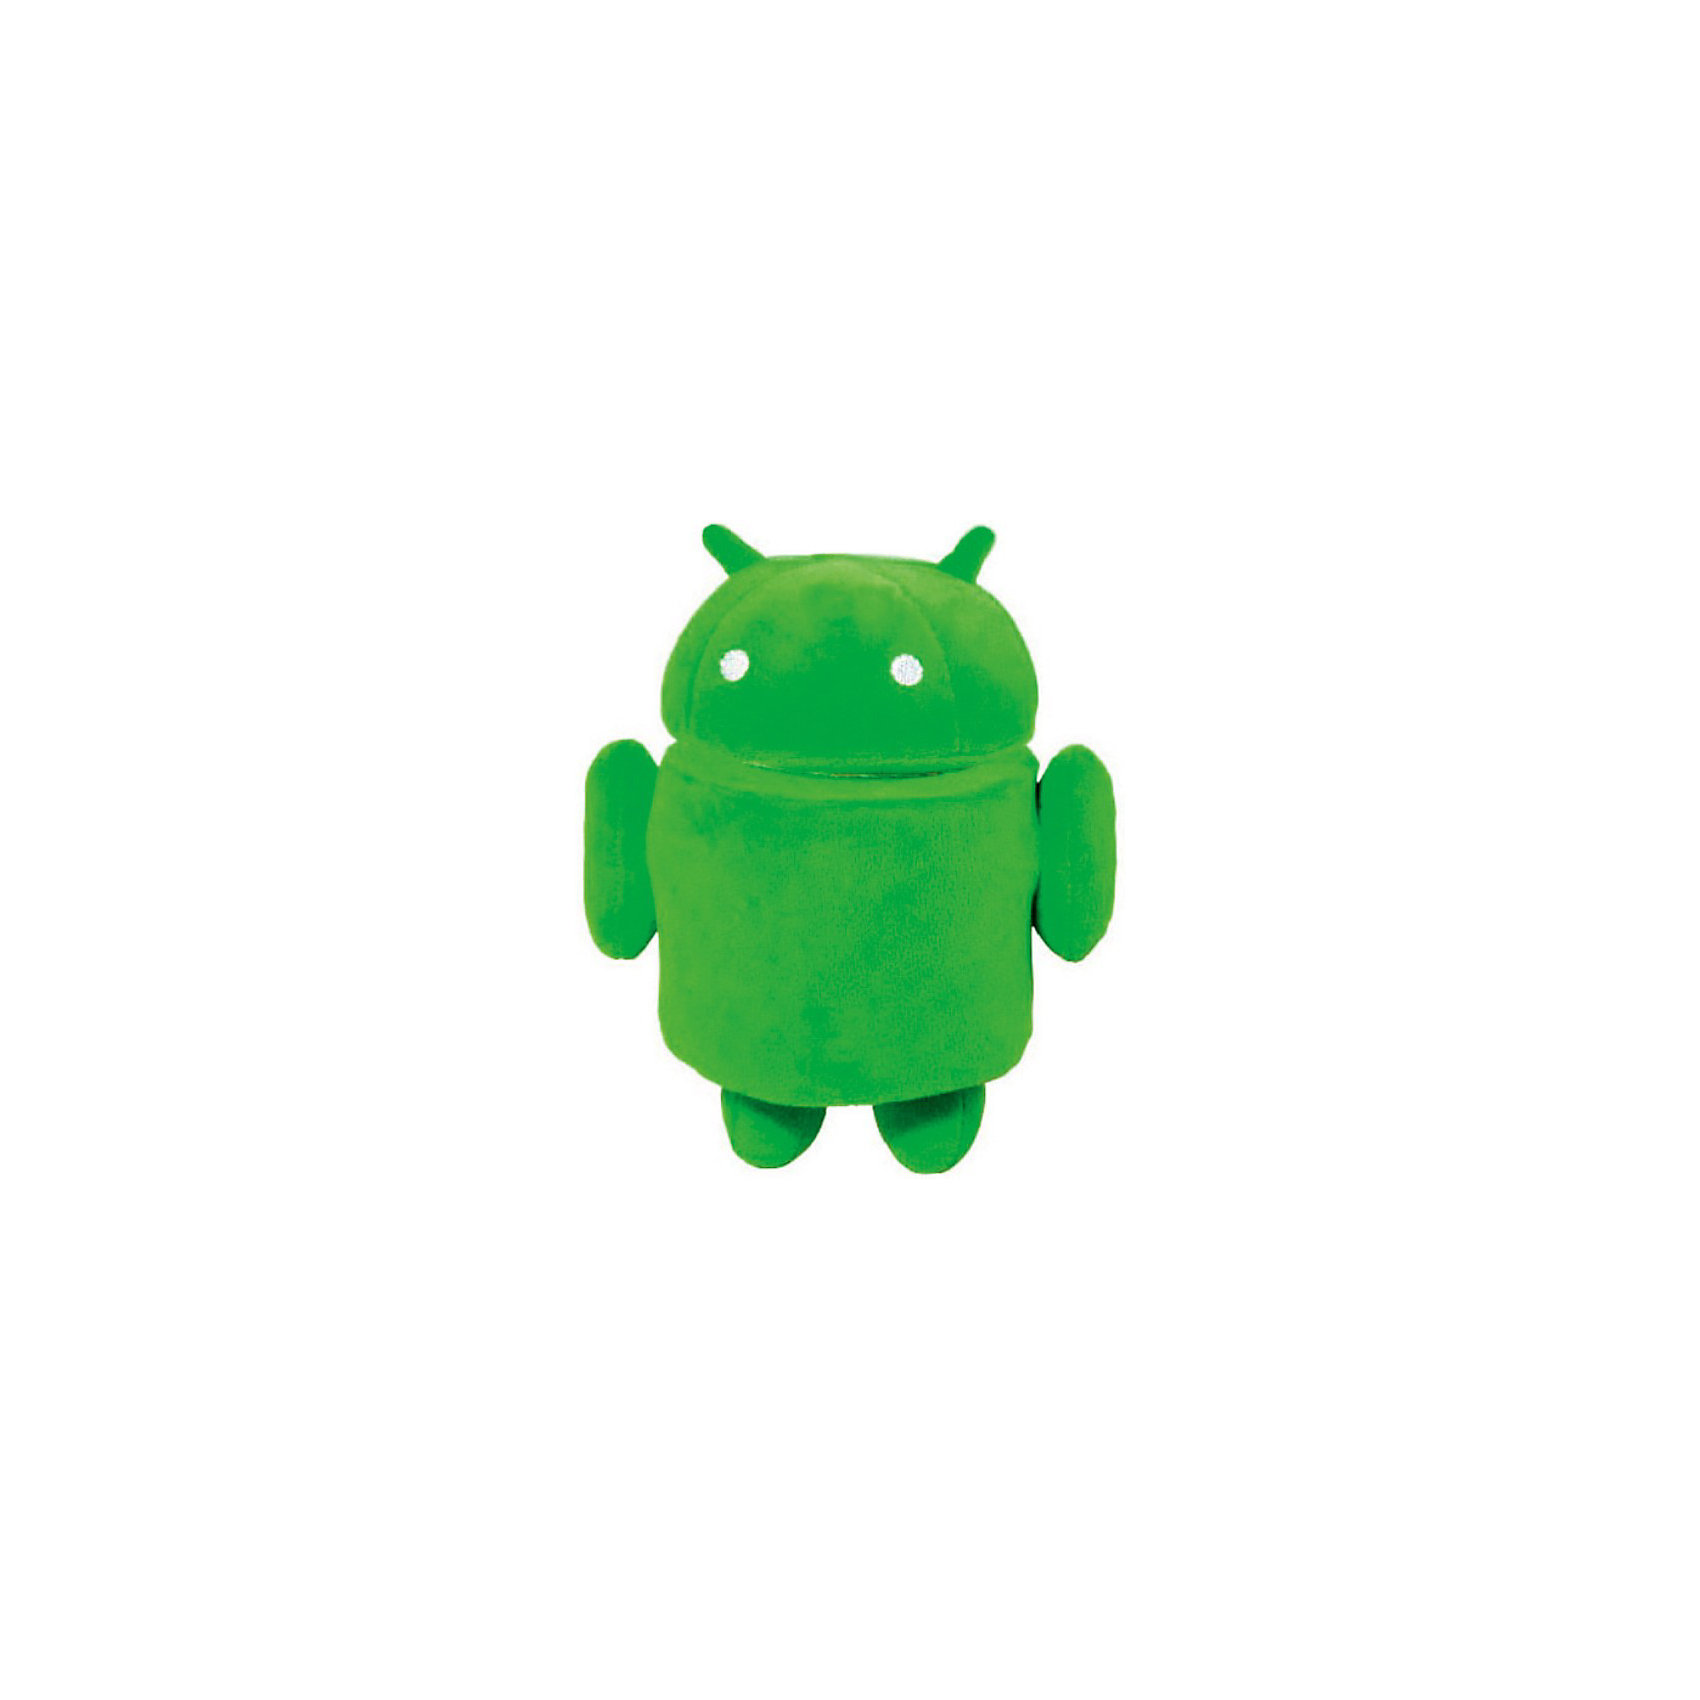 Мягкая игрушка Android (Андроид)Популярная операционная система для мобильных устройств воплощена в замечательной плюшевой игрушке. Мягкий Android может стоять на ногах, а голова у робота крутится.<br><br>Дополнительная информация:<br><br>- Высота: 17 см<br>- Материал: плюш<br><br>Мягкую игрушку Android (Андроид) можно купить в нашем магазине.<br><br>Ширина мм: 13<br>Глубина мм: 7<br>Высота мм: 15<br>Вес г: 100<br>Возраст от месяцев: 36<br>Возраст до месяцев: 1188<br>Пол: Унисекс<br>Возраст: Детский<br>SKU: 3376329